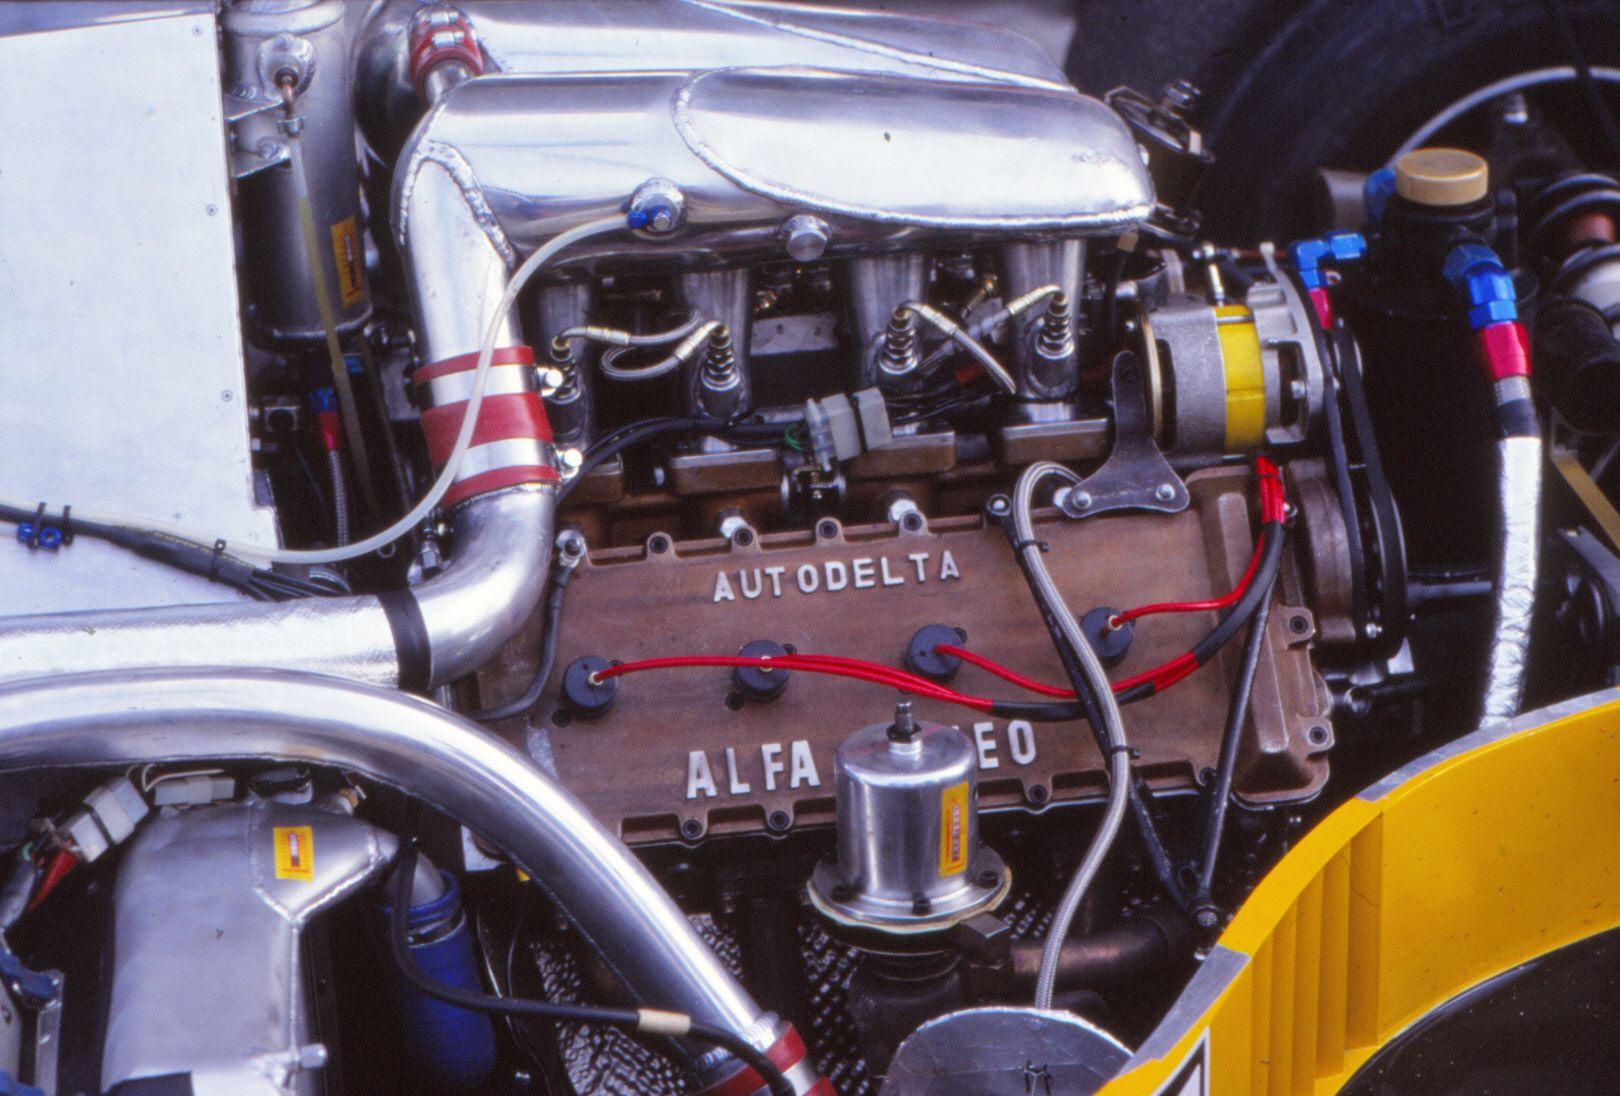 alfa romeo 890t v8 turbo in minardi m184 1984 test  [ 1620 x 1096 Pixel ]